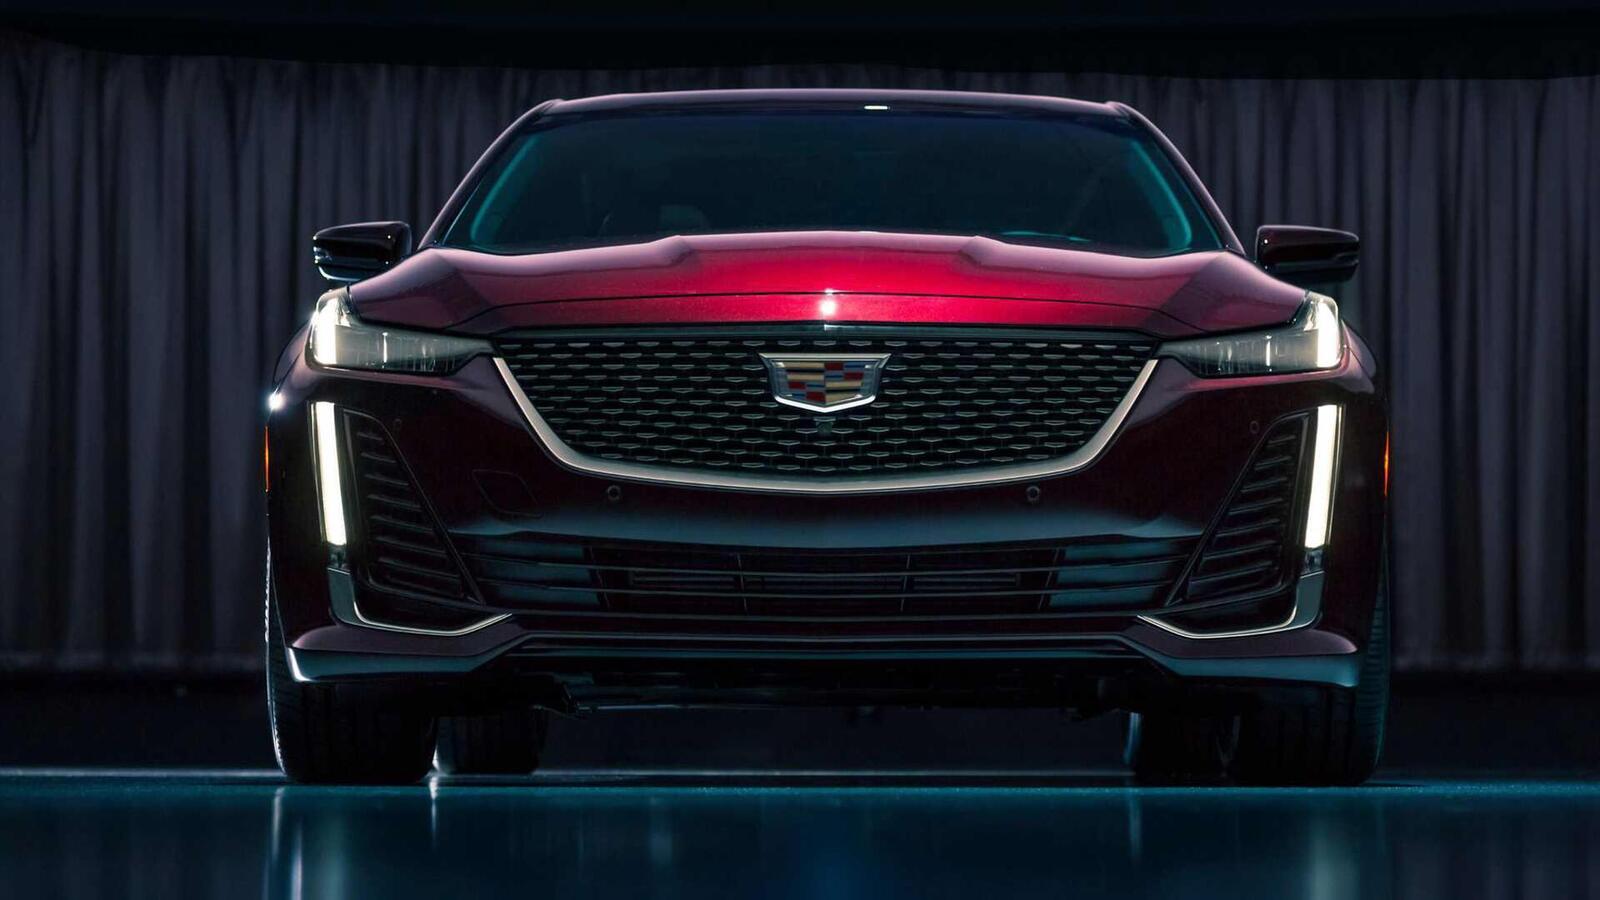 Xem trước sedan Cadillac CT5 hoàn toàn mới trước ngày ra mắt: kẻ thay thế  CTS - Hình 1